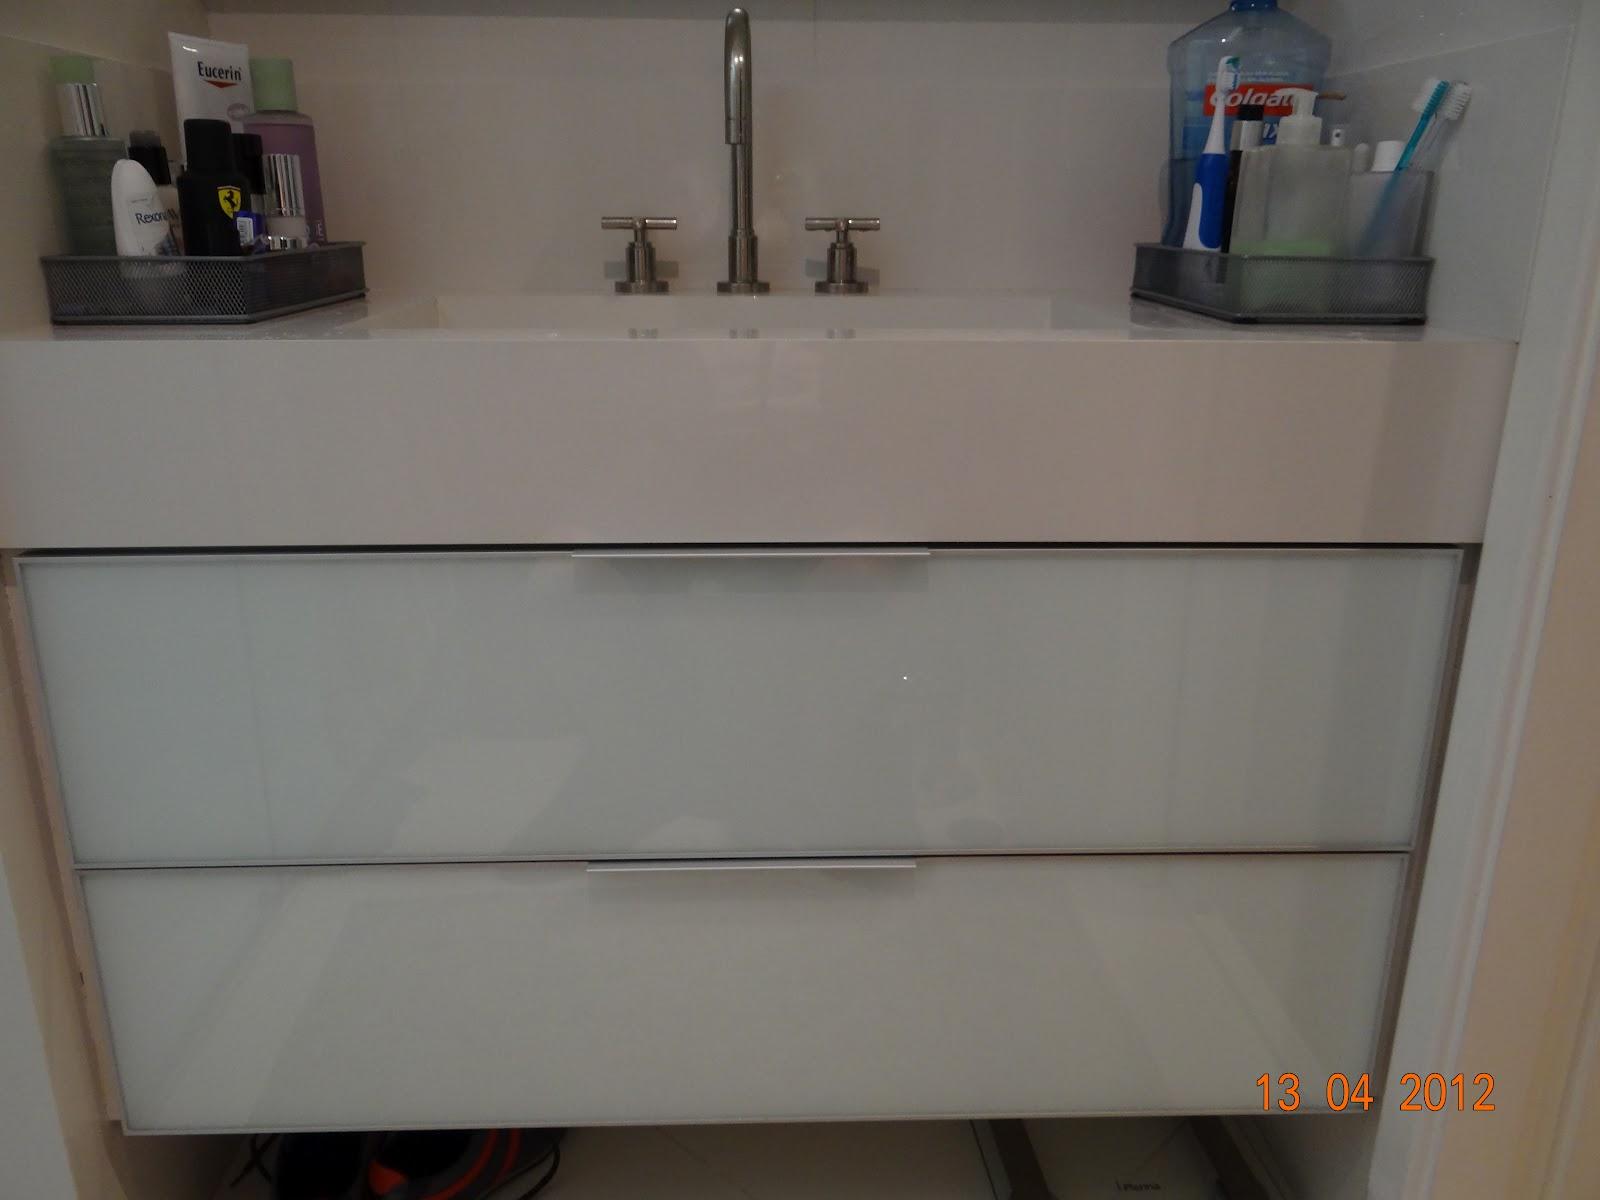 Grandes Idéias Para Casa: Armario de Banheiro #B55516 1600x1200 Banheiro Com Cheiro De Esgoto O Que Fazer